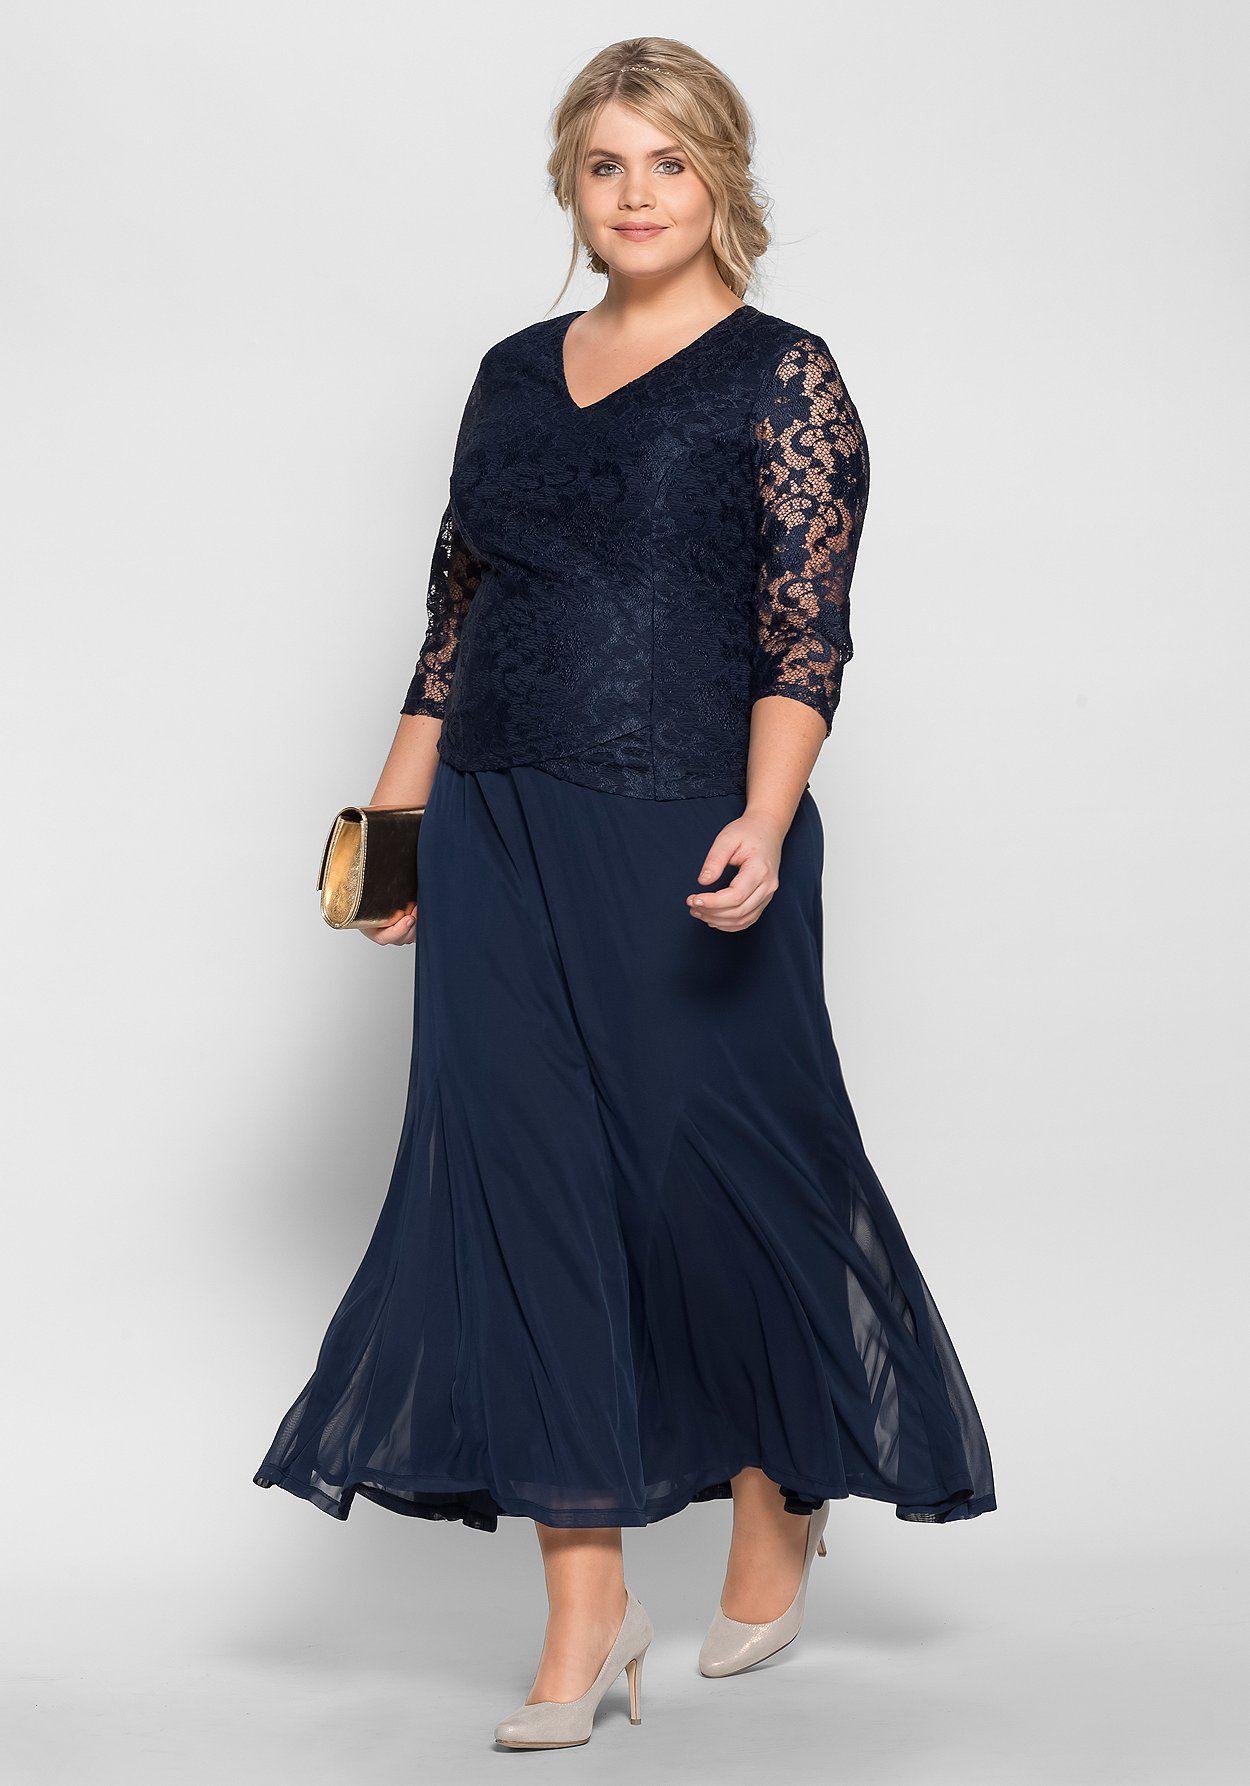 Abend Fantastisch Abendkleider Xxl Damen Spezialgebiet20 Einfach Abendkleider Xxl Damen für 2019